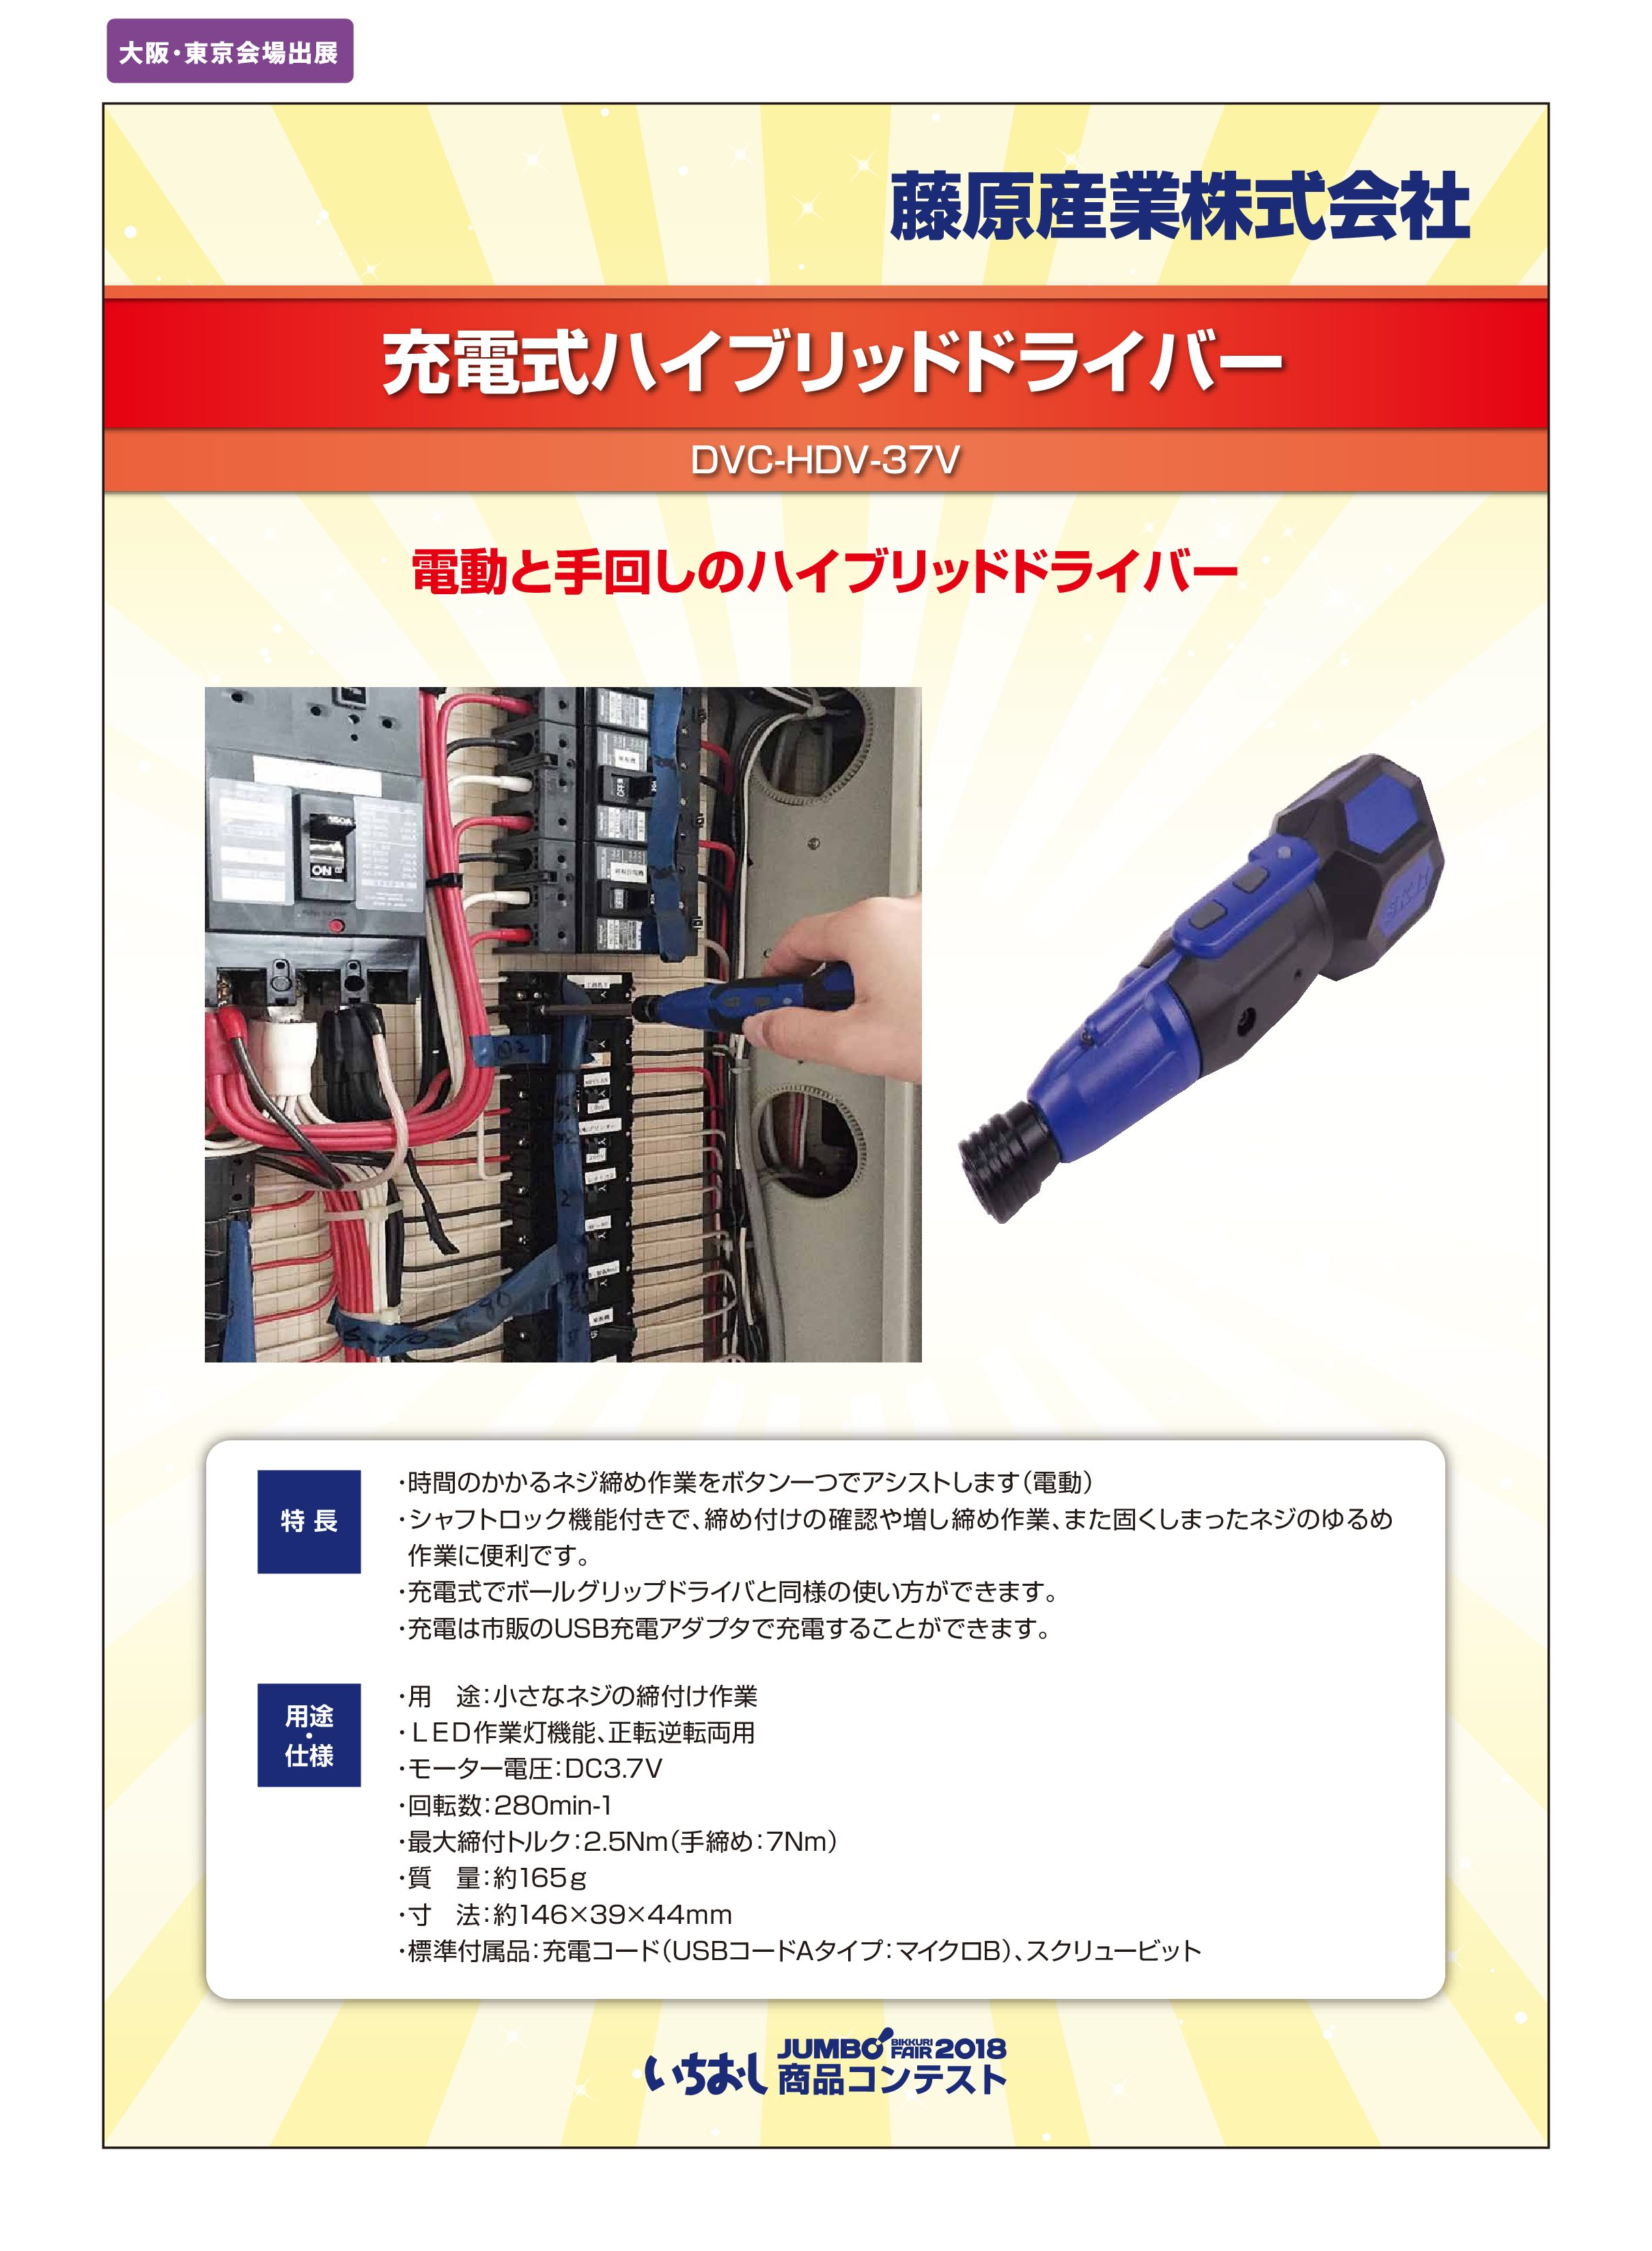 「充電式ハイブリッドドライバー」藤原産業株式会社 【商品廃番】の画像